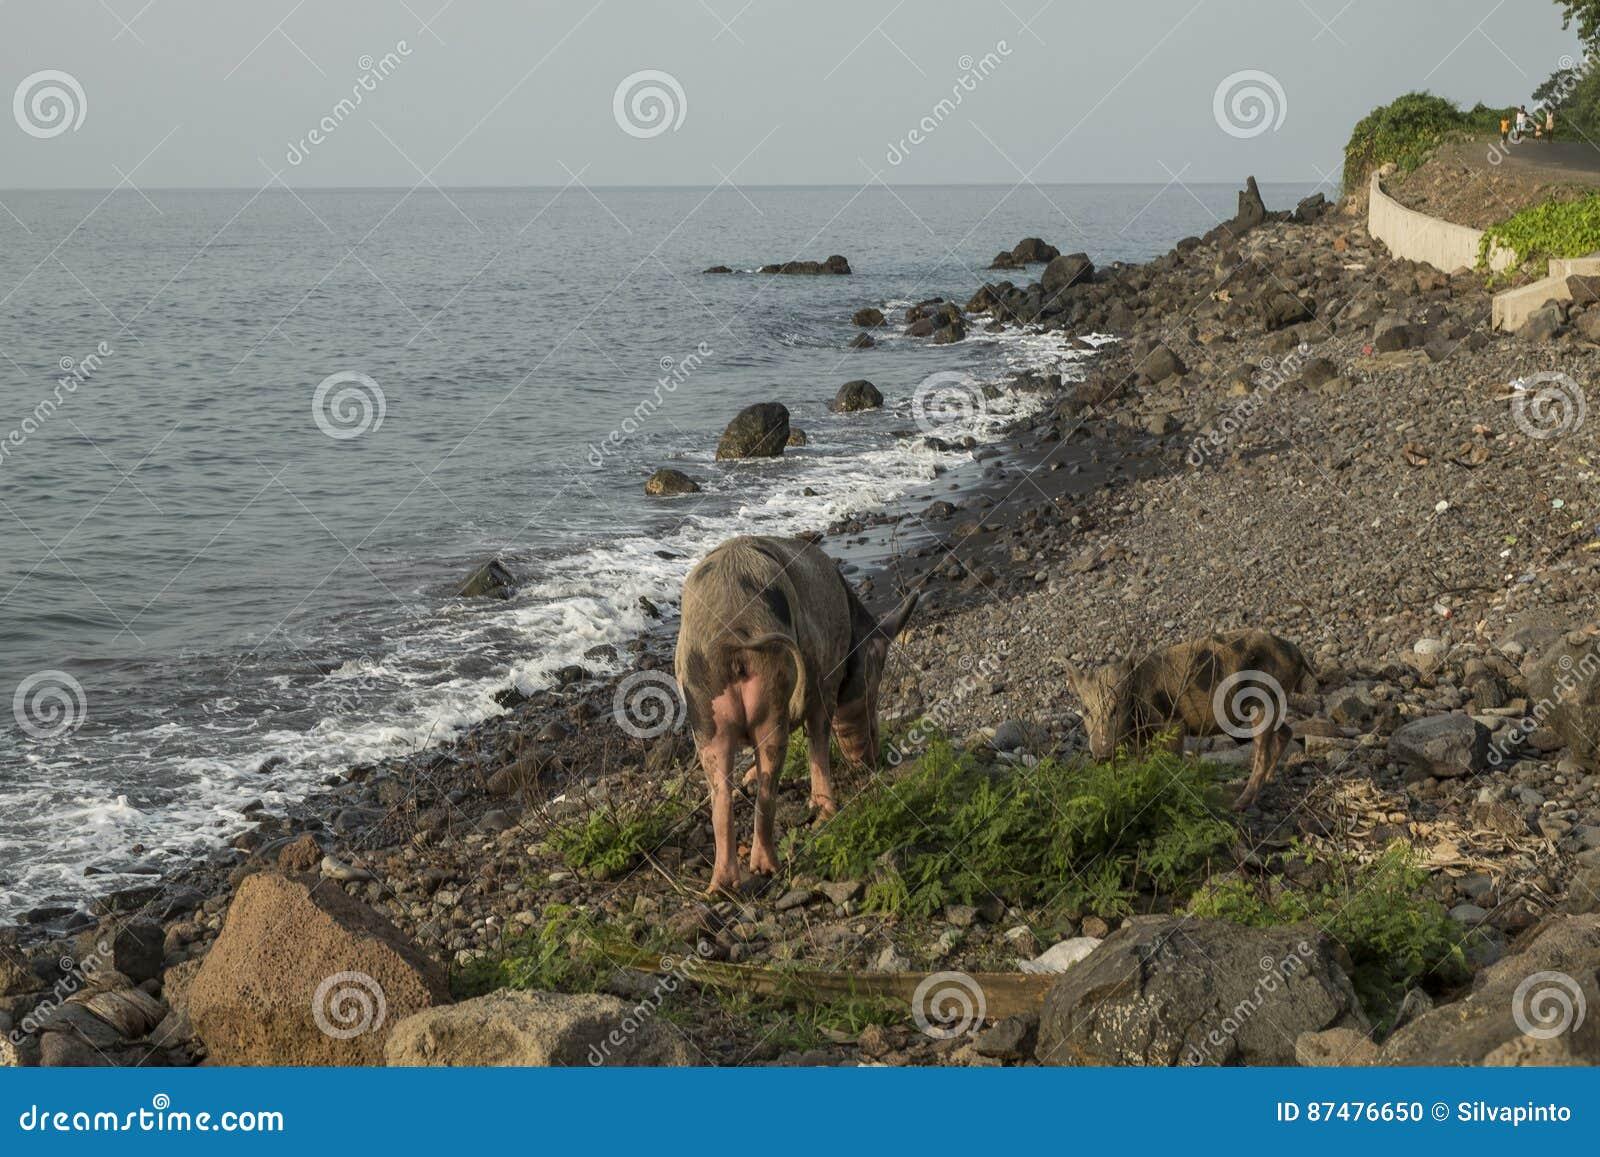 Cerdo a caminar por el mar